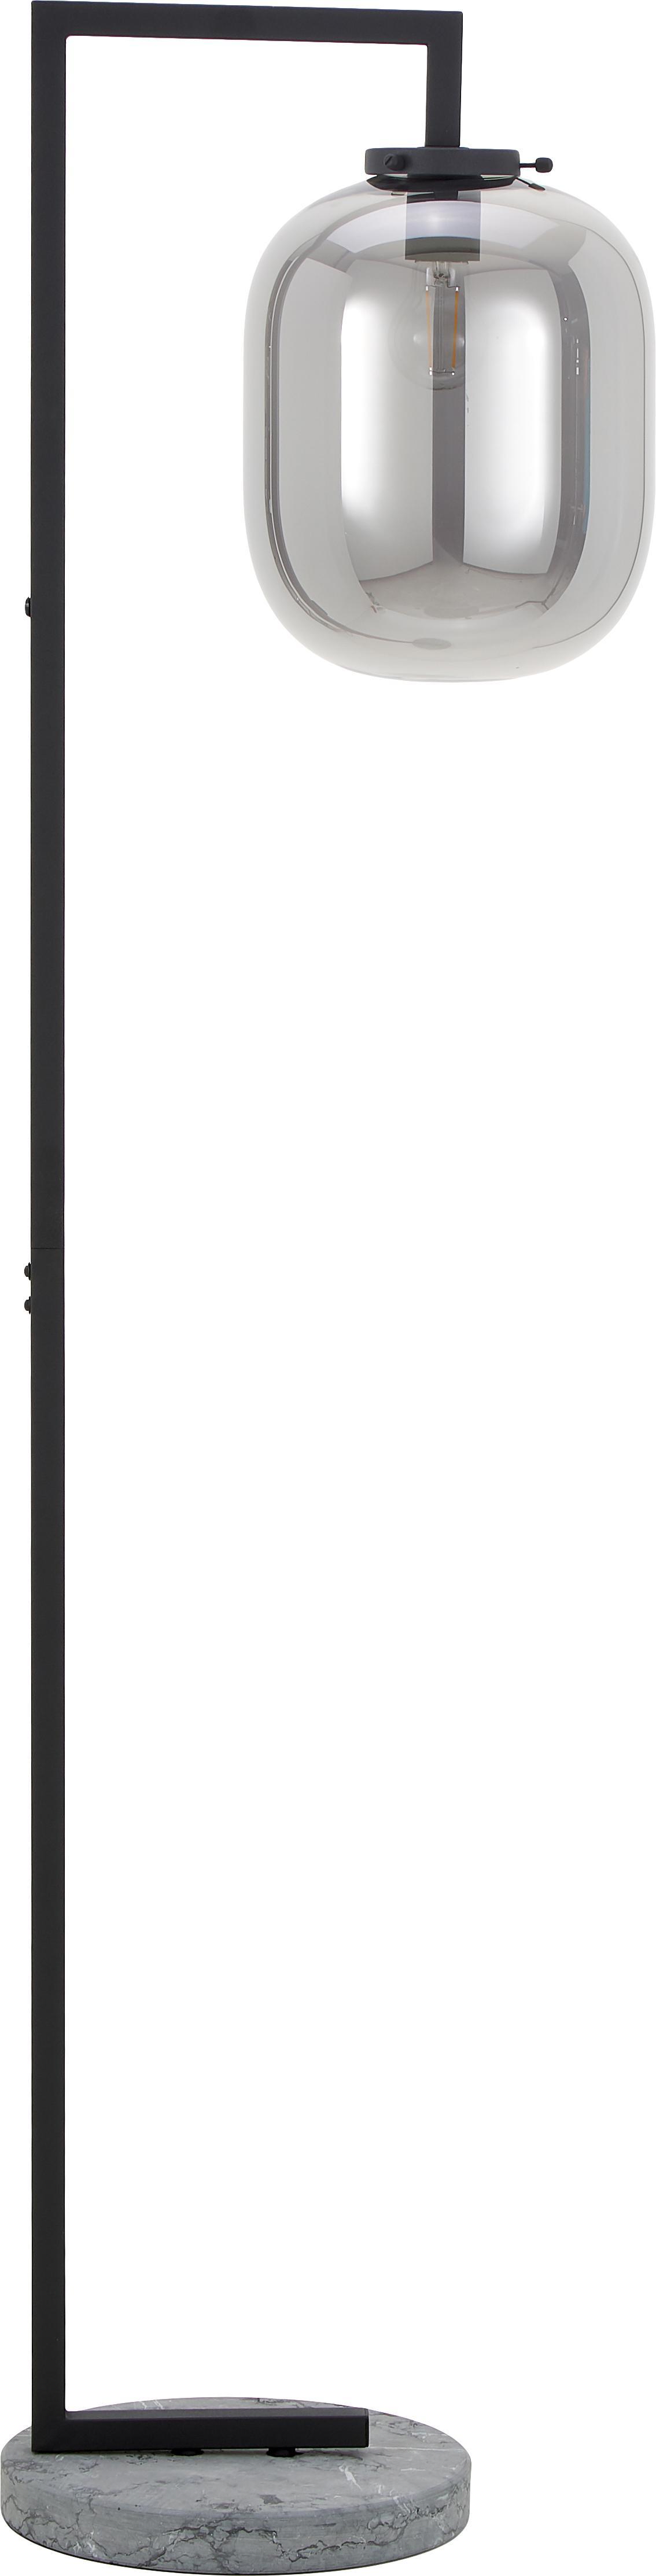 Lampada da terra in vetro Leola, Paralume: vetro, Base della lampada: marmo, Cromato, nero, Ø 38 x Alt. 150 cm